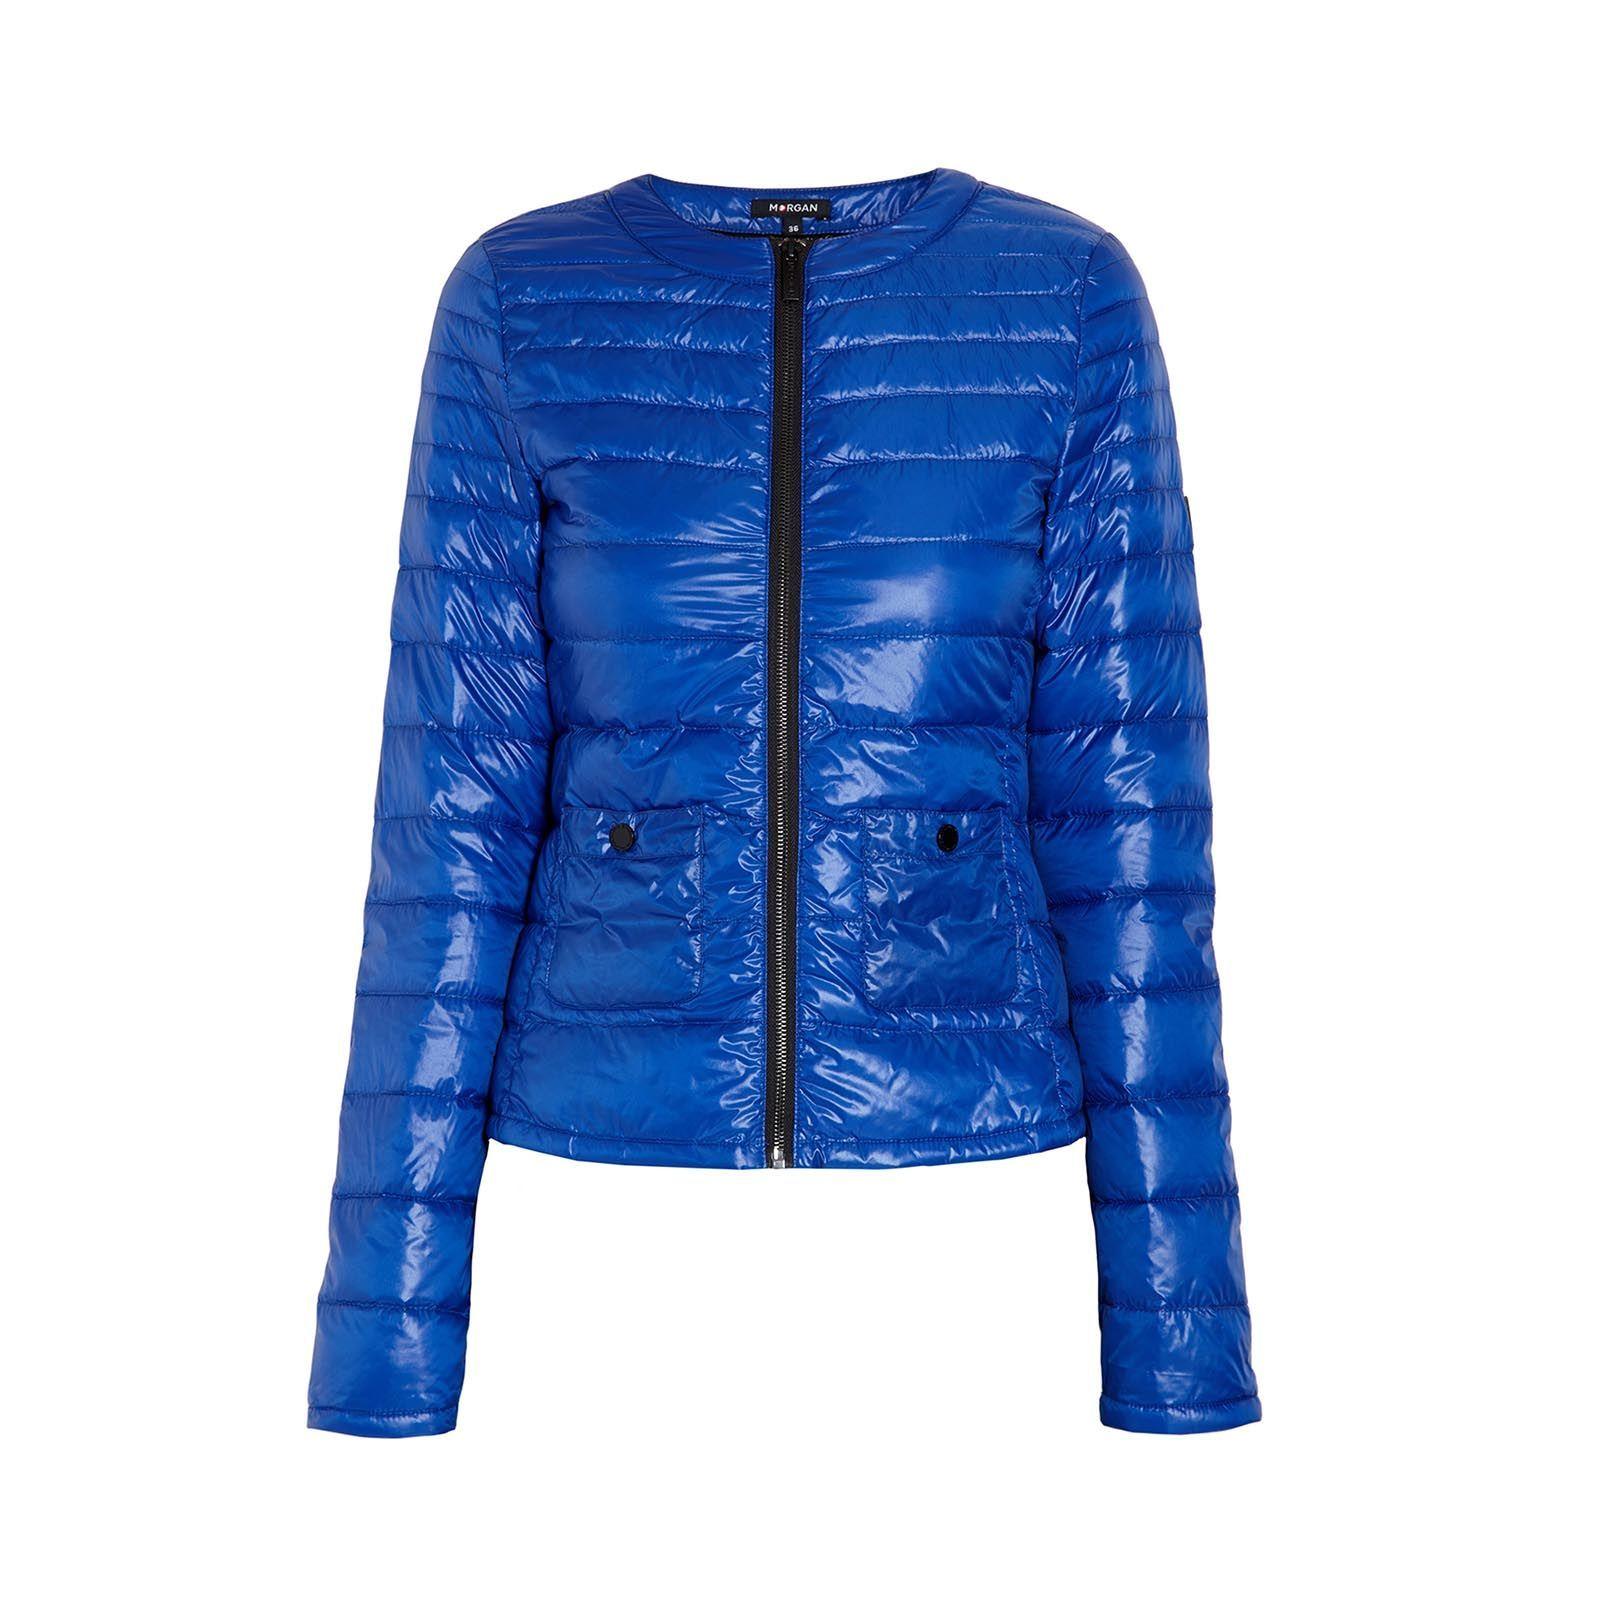 5a1a5a691b Doudoune femme bleue électrique - Chapka, doudoune, pull & Vetement ...